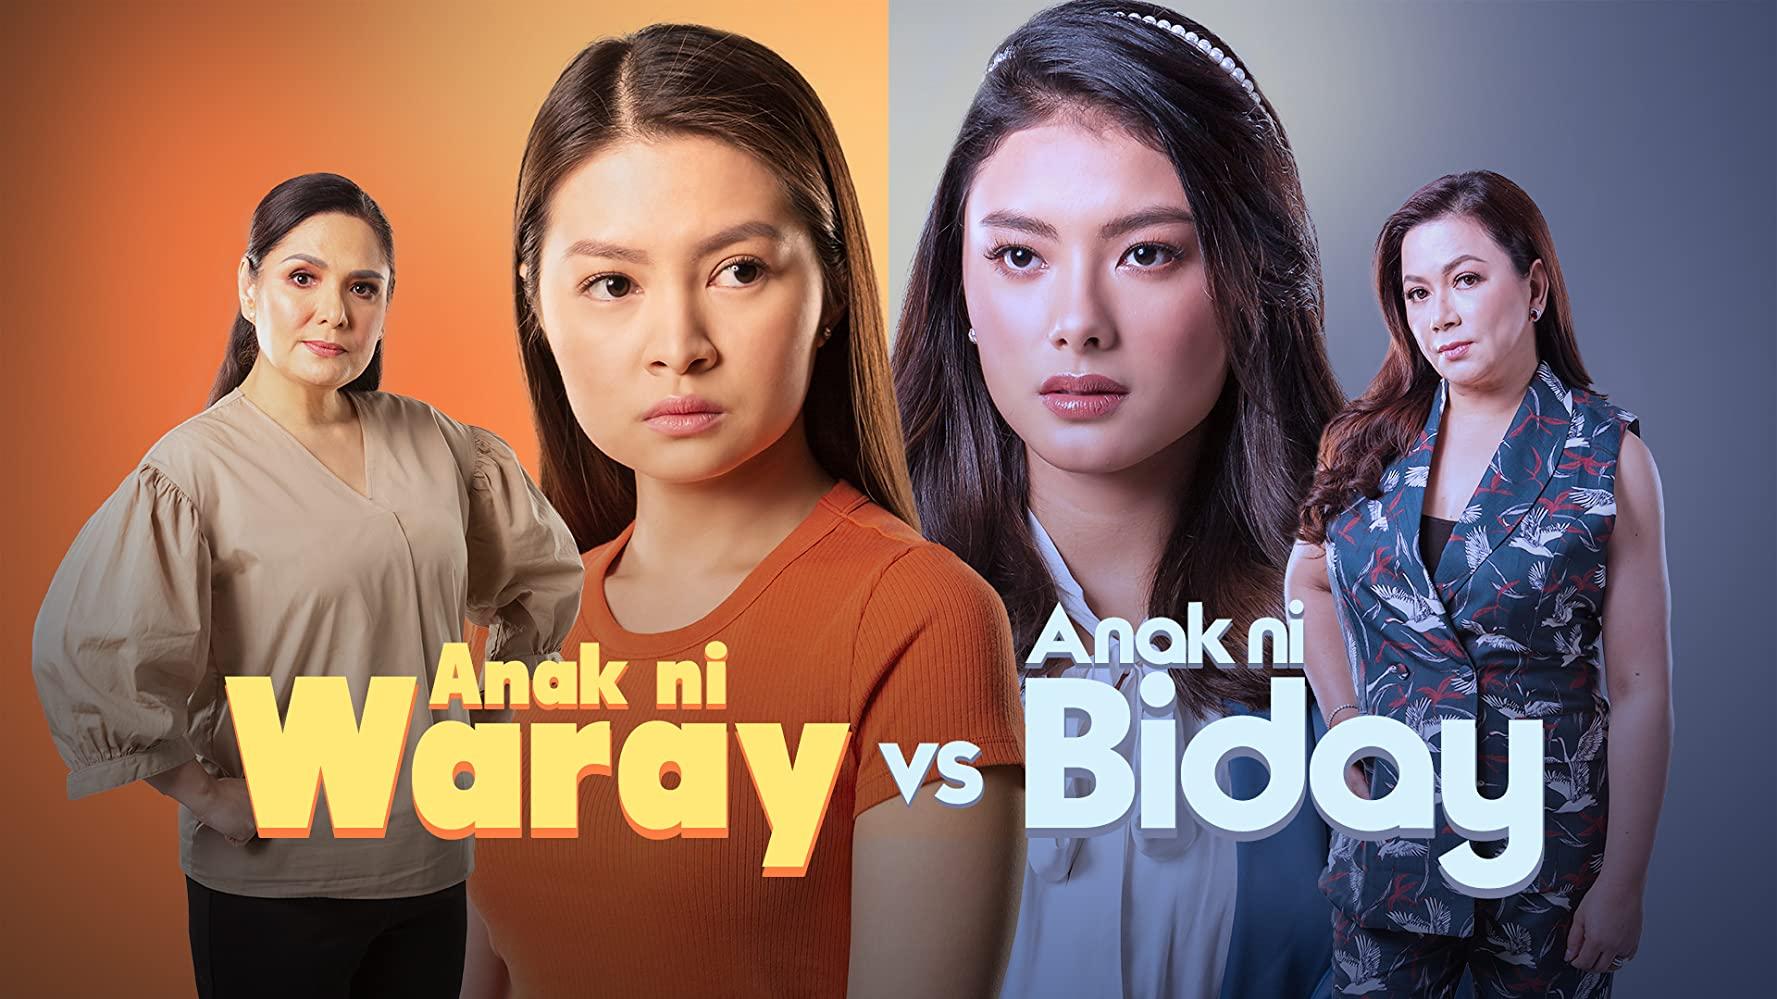 Anak ni Waray vs. Anak ni Biday